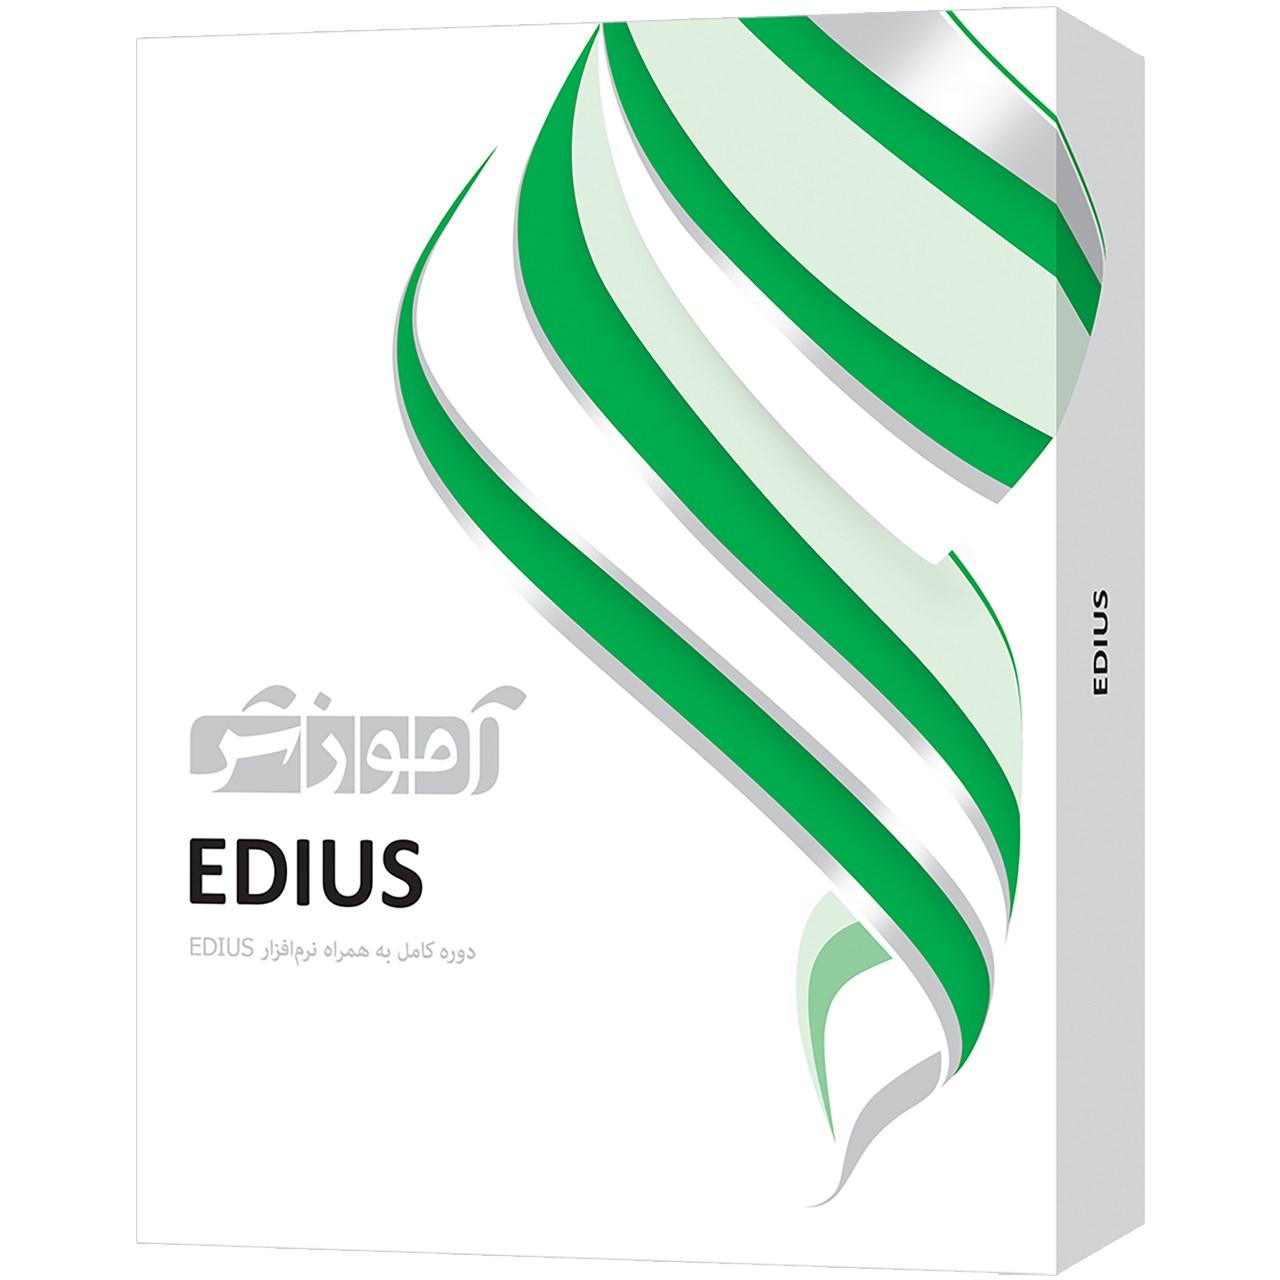 آموزش کامل نرم افزار EDIUS شرکت پرند